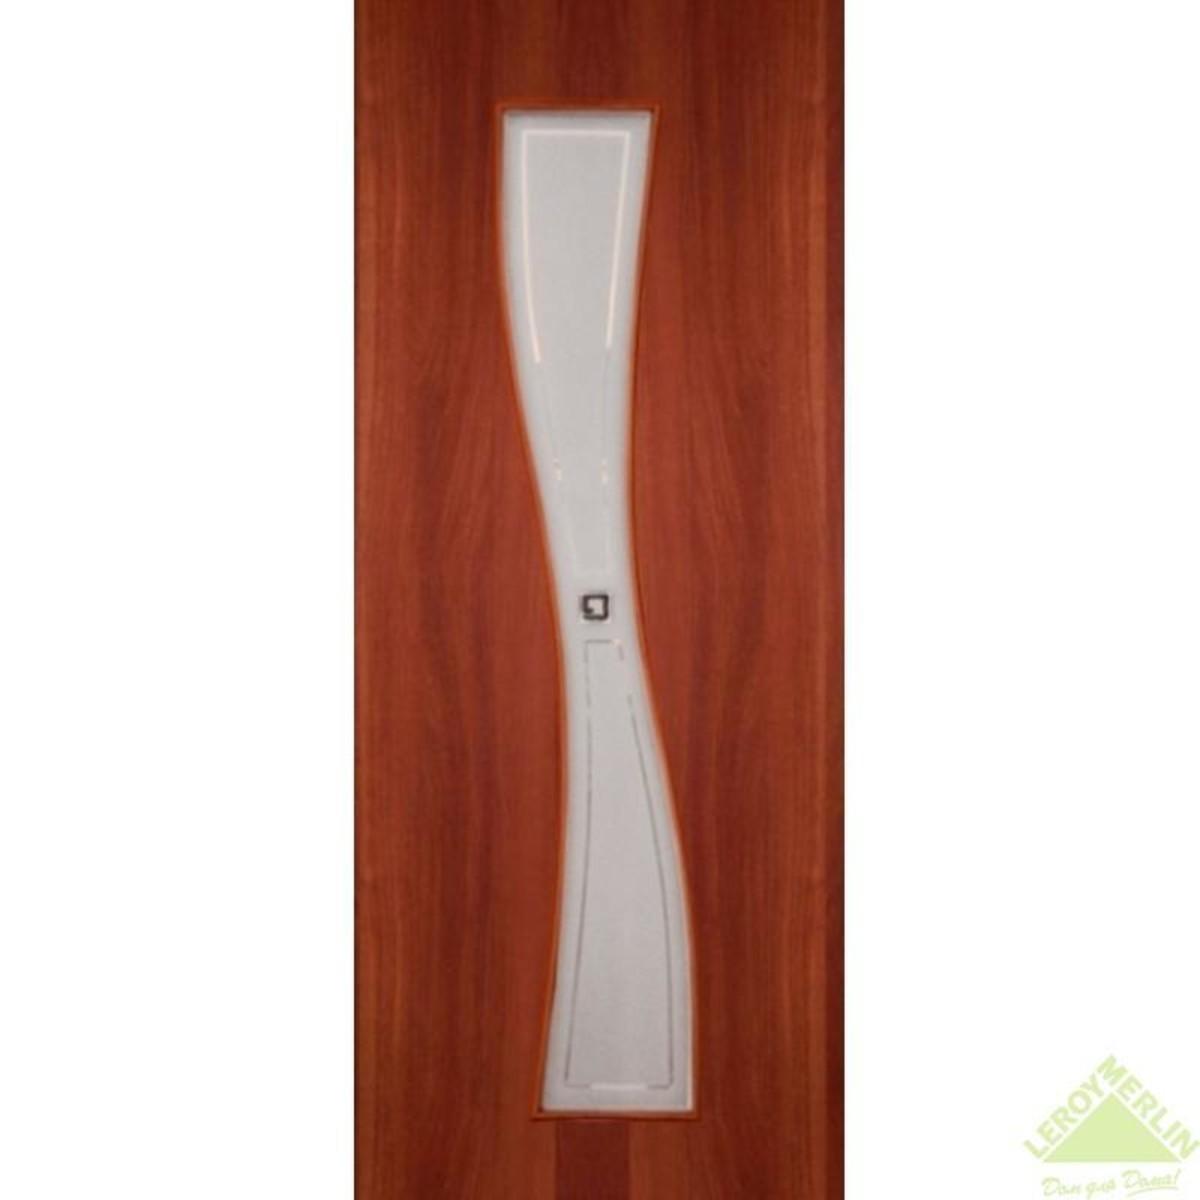 Дверь межкомнатная остеклённая Сезия 800x2000 мм ламинация итальянский орех